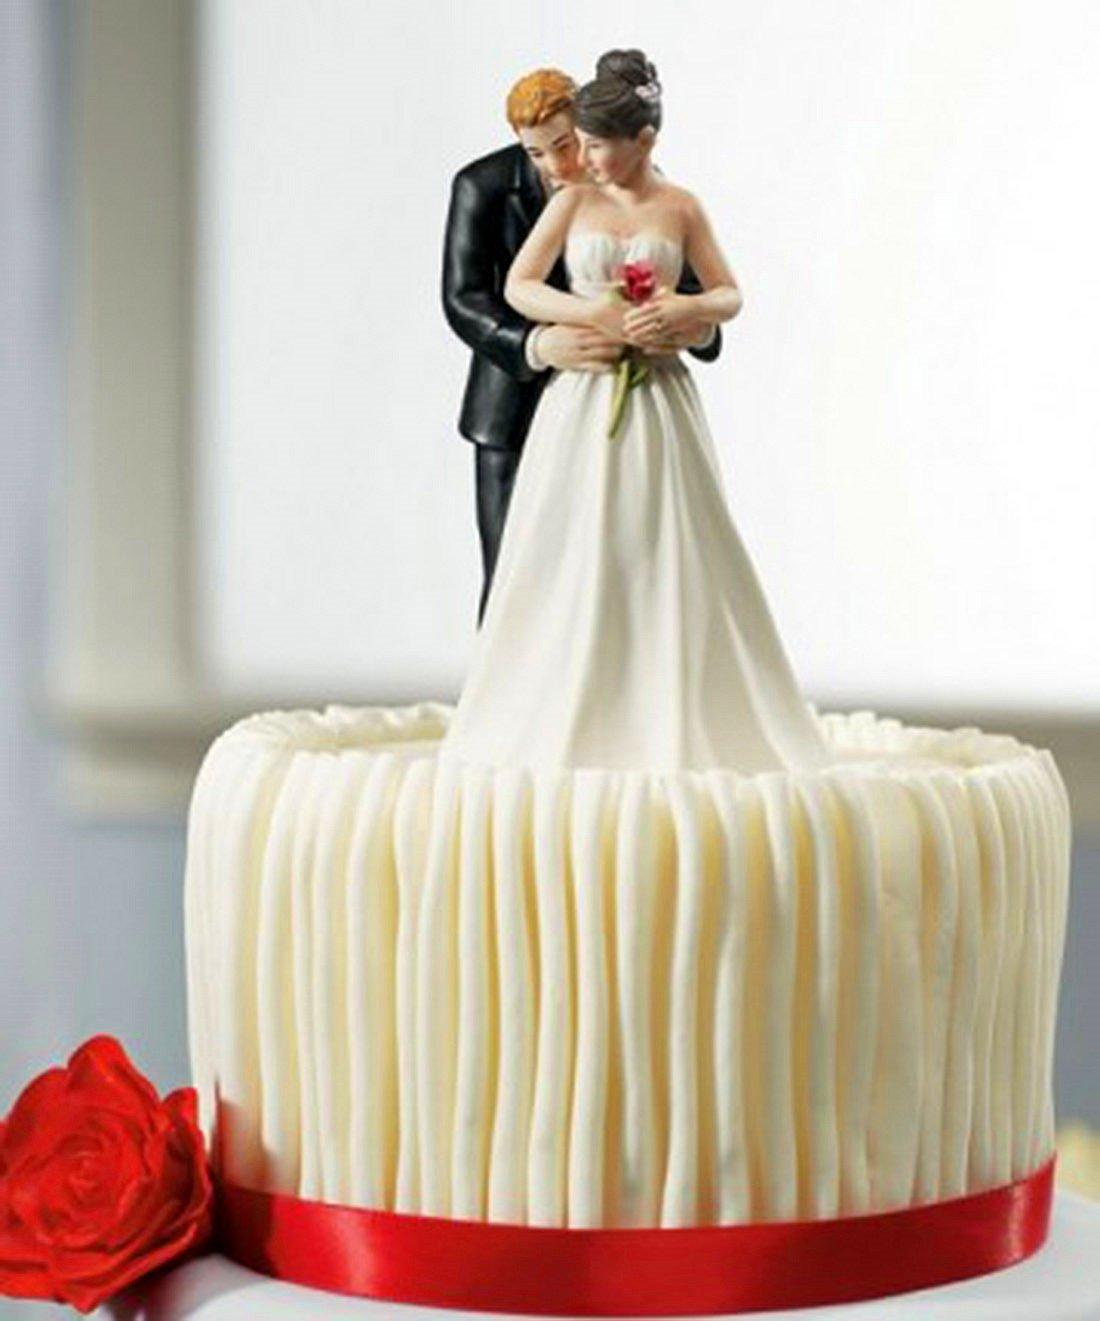 Wedding Cake Toppers: Amazon.co.uk